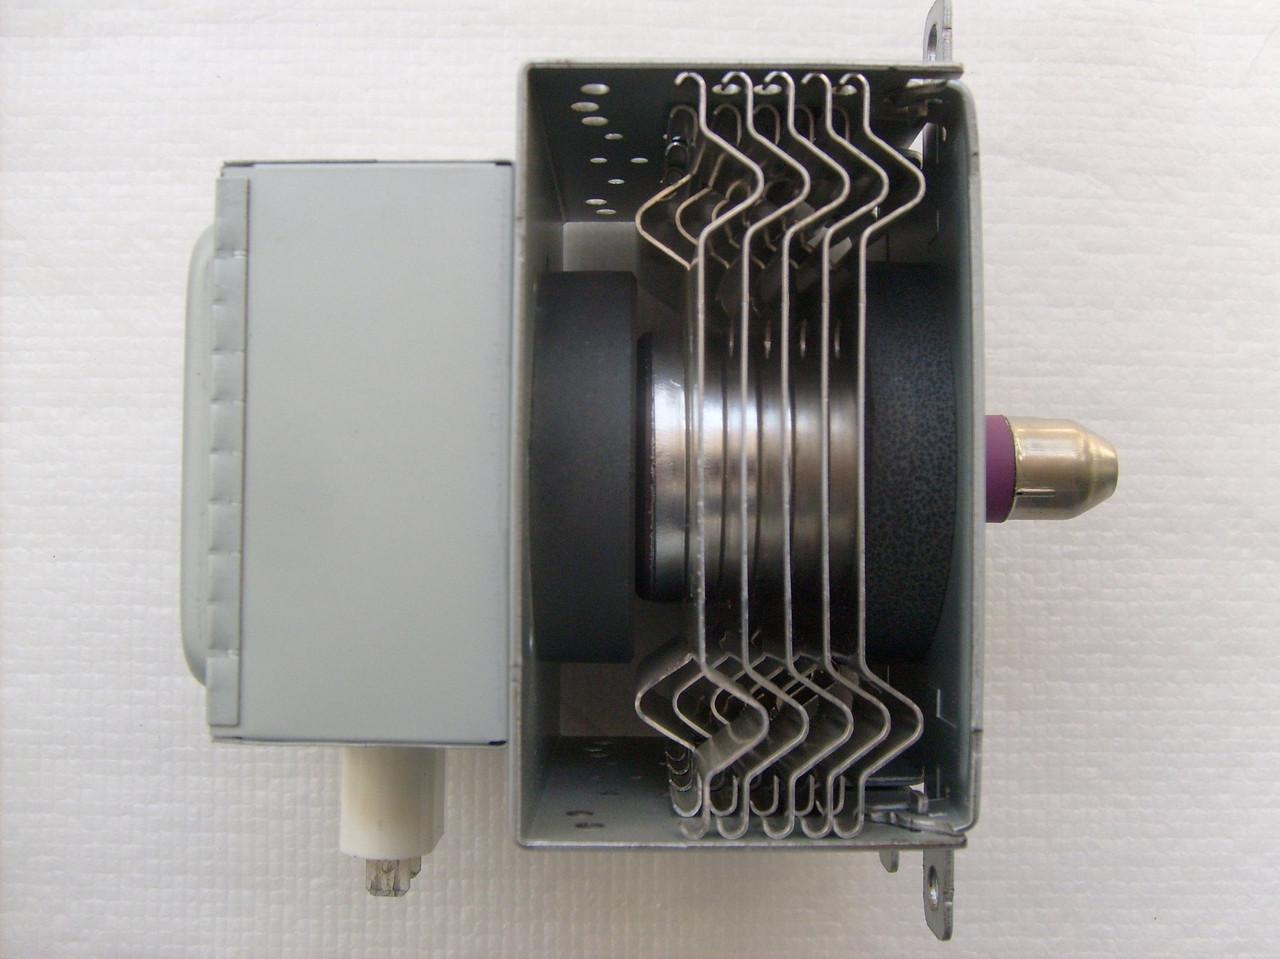 Магнетрон для микроволновой печи Samsung OM75S(31)ESGN